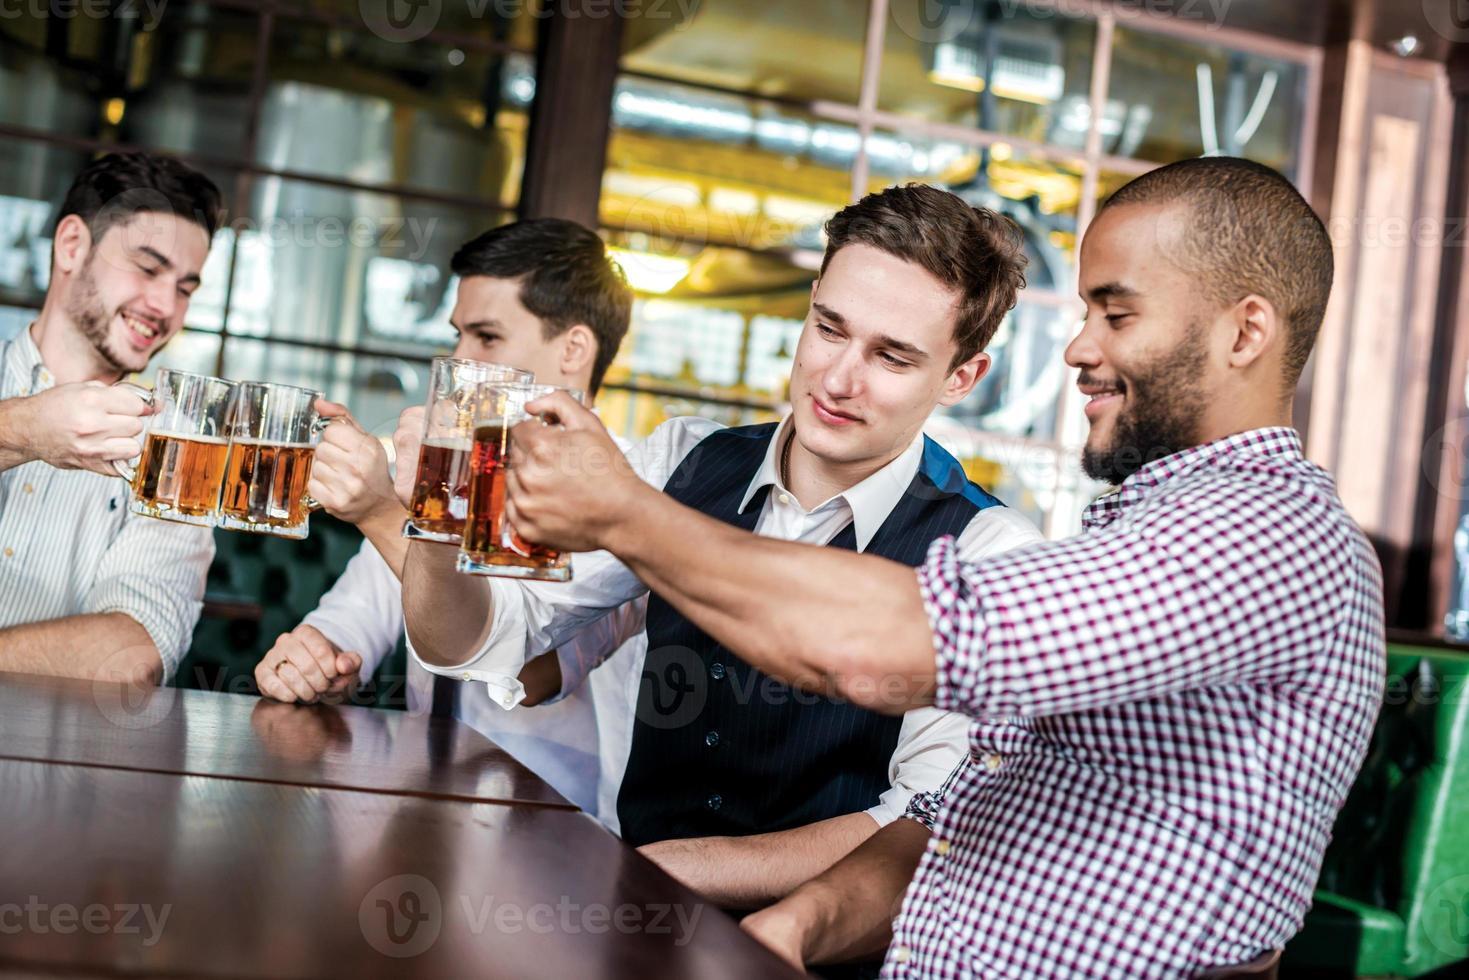 quatre amis d'hommes d'affaires boivent de la bière et passent du temps ensemble photo